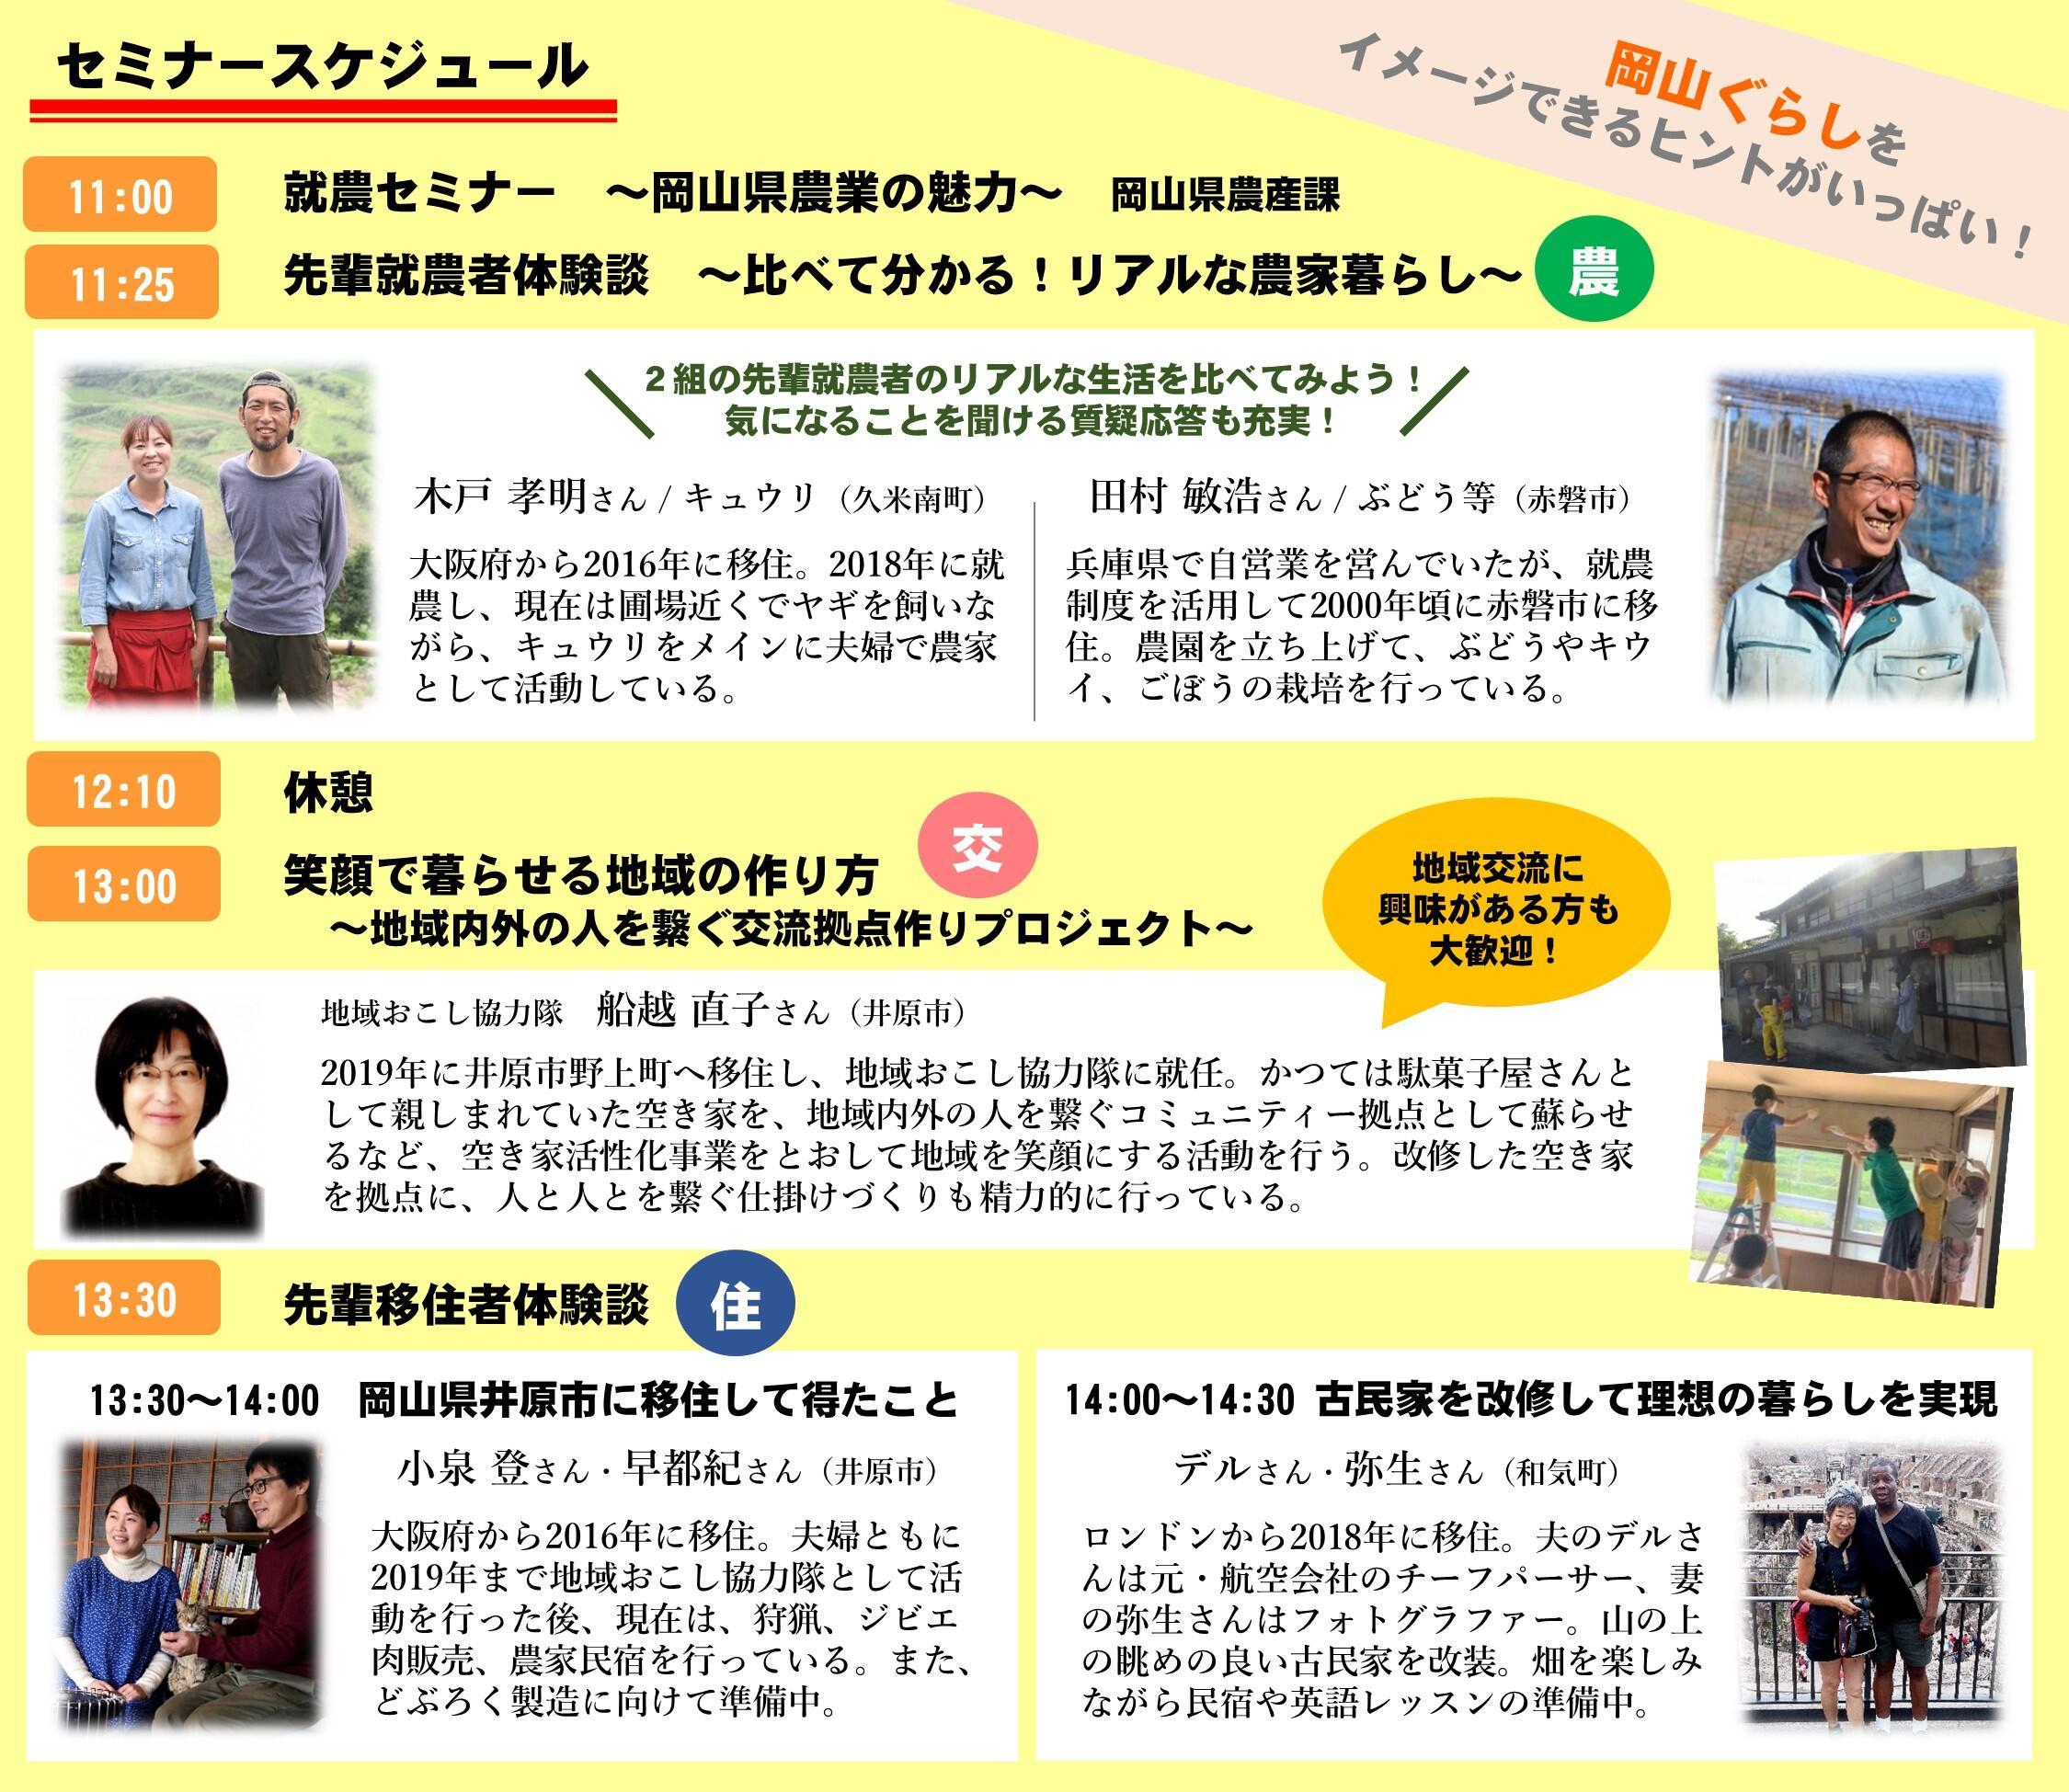 【重要なお知らせ】【大阪開催】2月27日(土)来て!見て!晴れの国おかやま移住・定住フェア